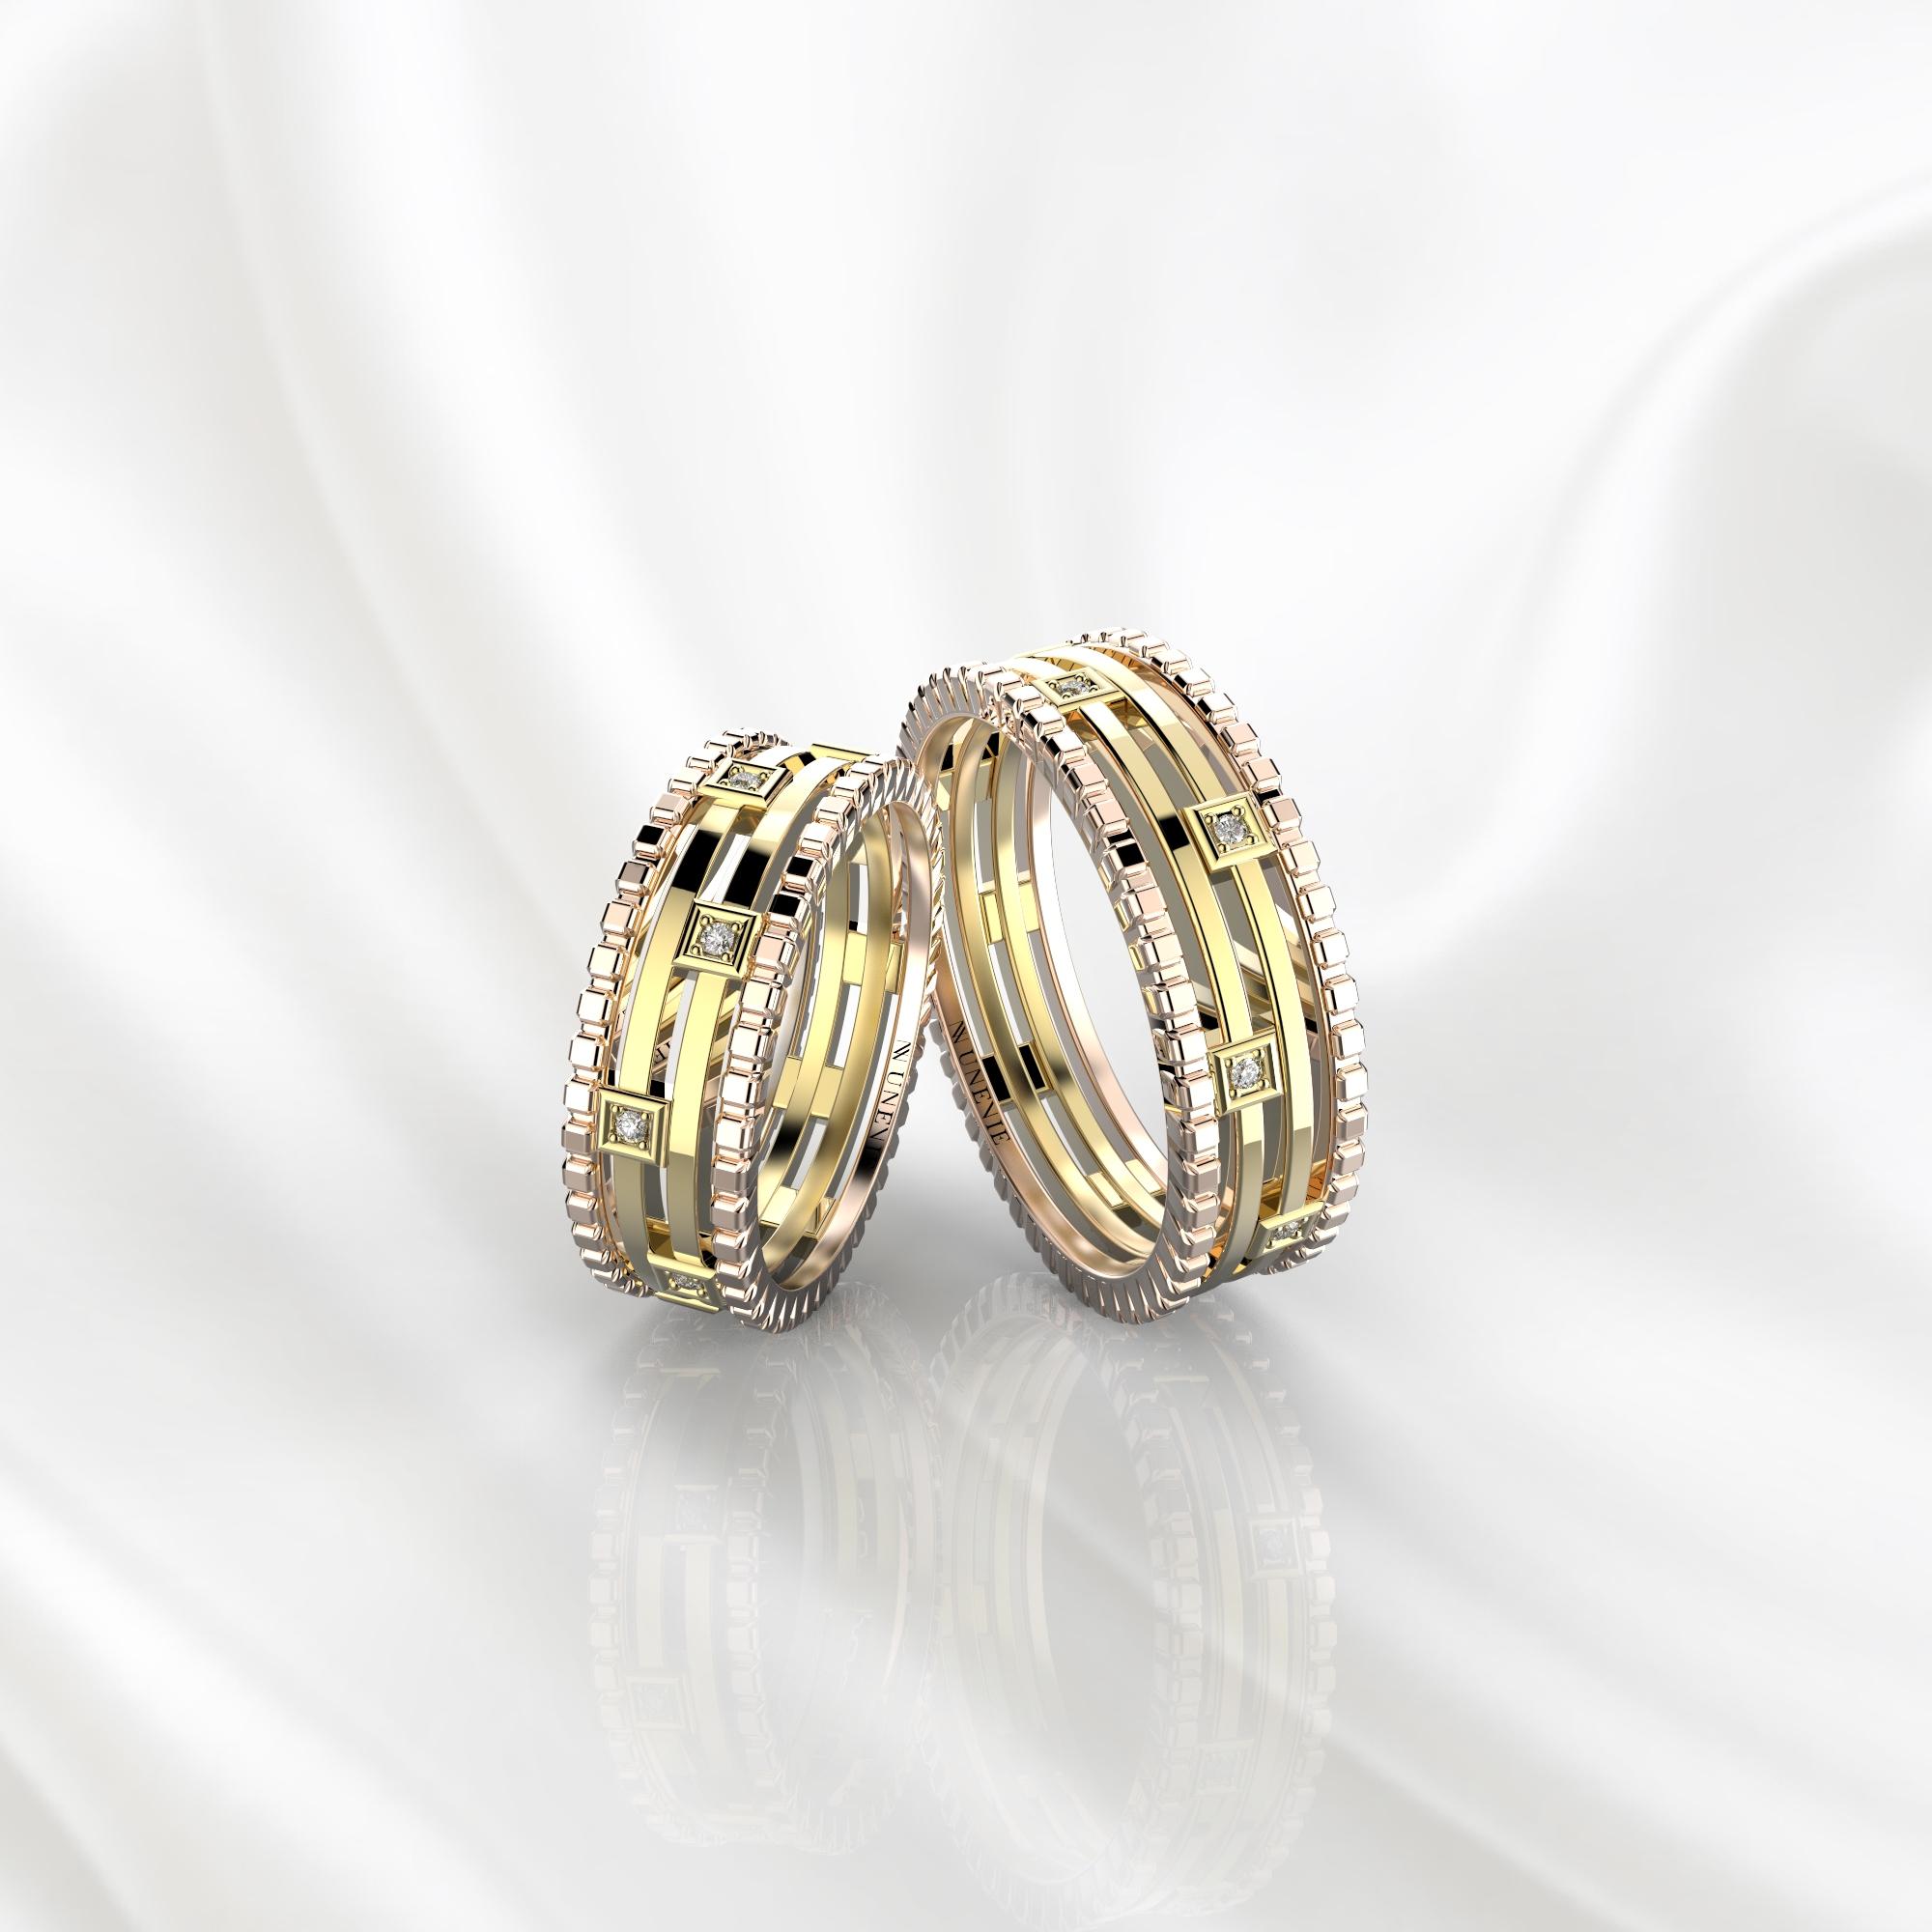 Парные дизайнерские кольца из розово-желтого золота